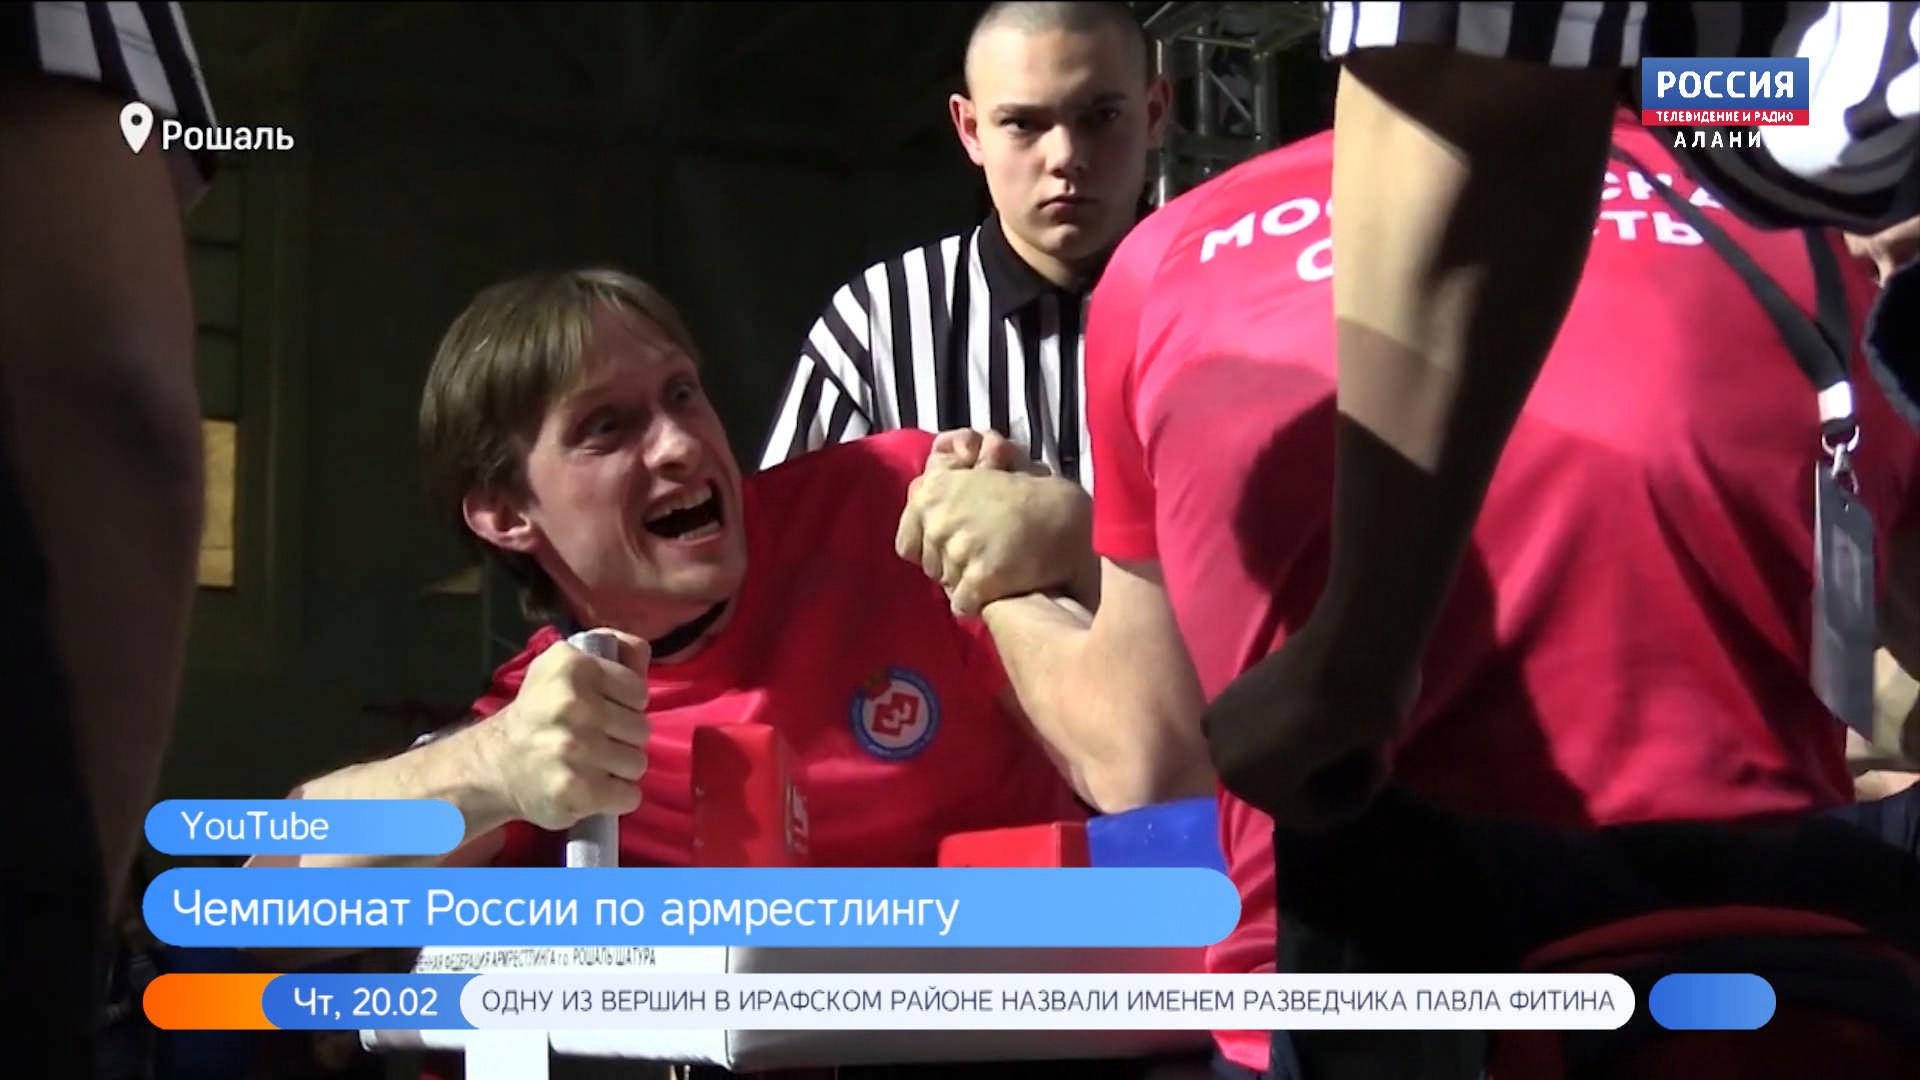 Сборная Северной Осетии привезла восемь медалей чемпионата России по армрестлингу среди спортсменов с ОВЗ